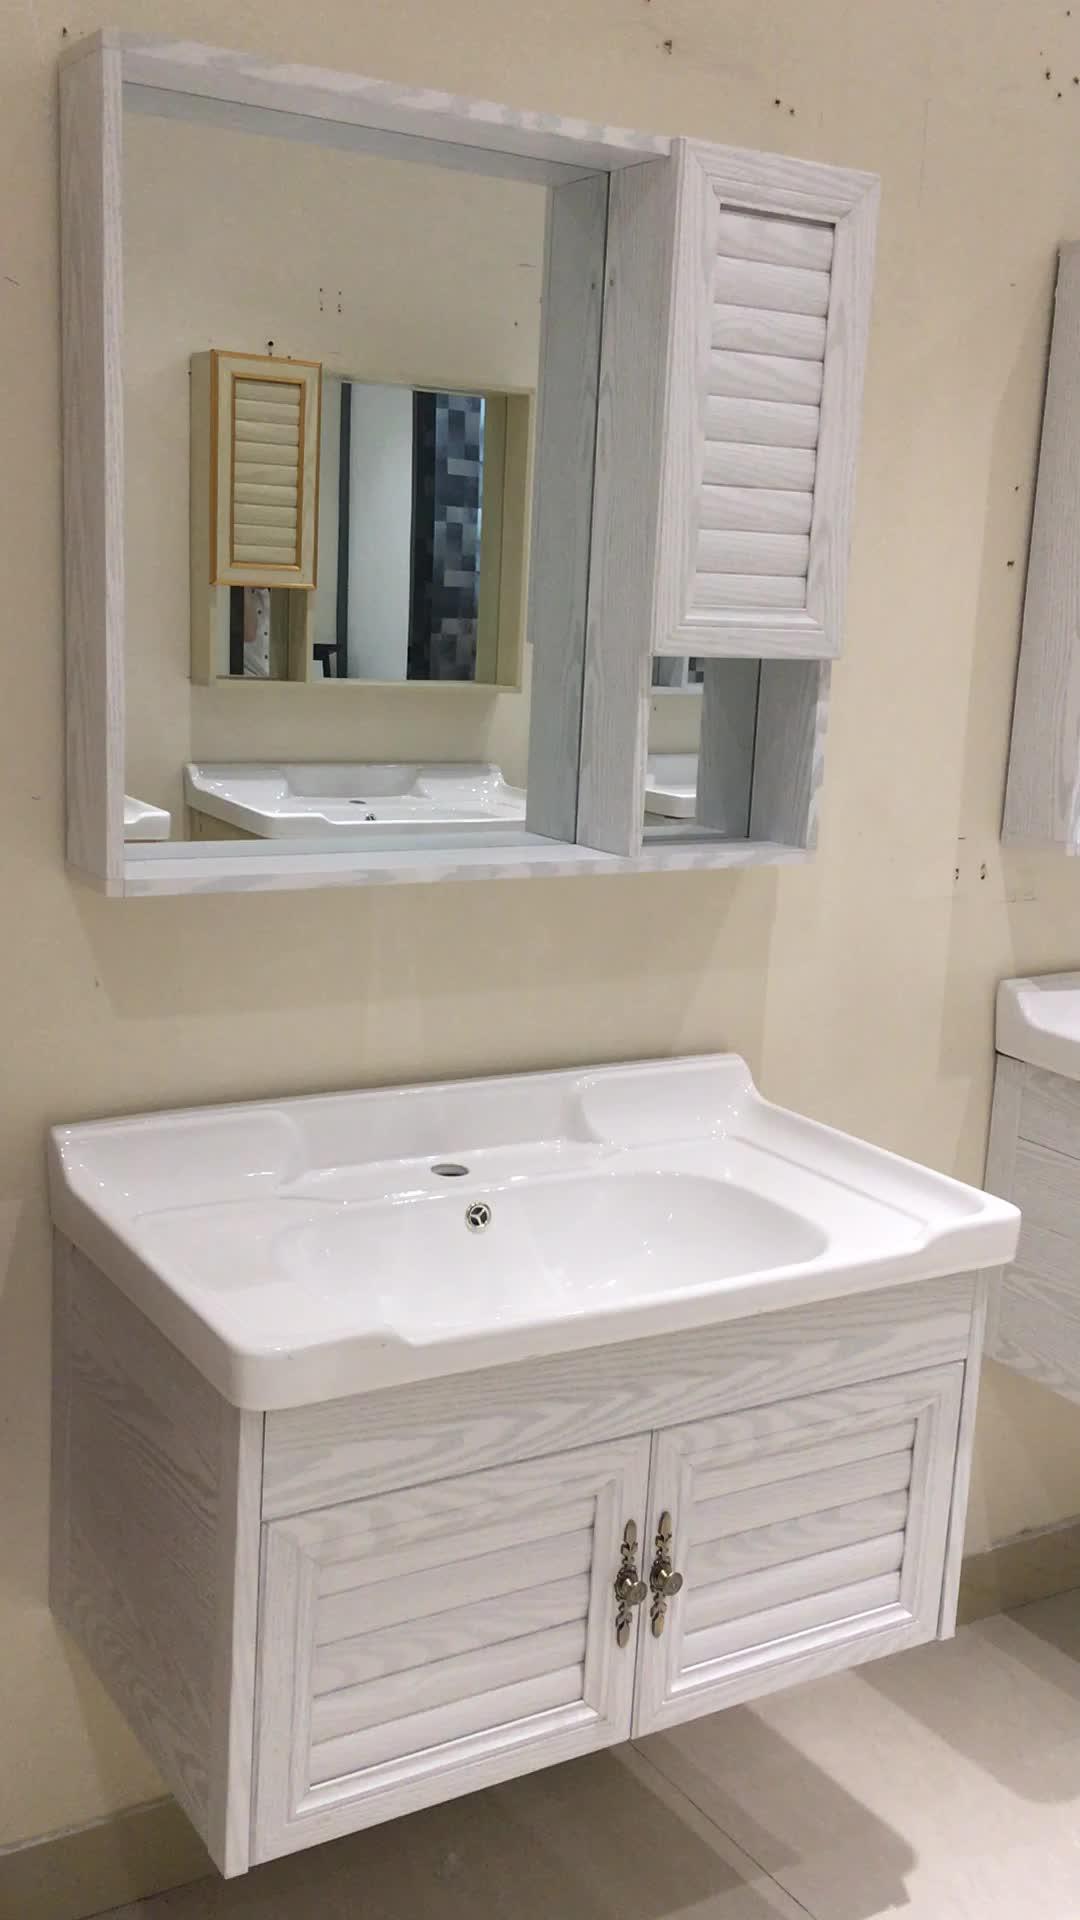 used aluminum bath bathroom vanities cabinets for sale buy bathroom vanities used bathroom. Black Bedroom Furniture Sets. Home Design Ideas